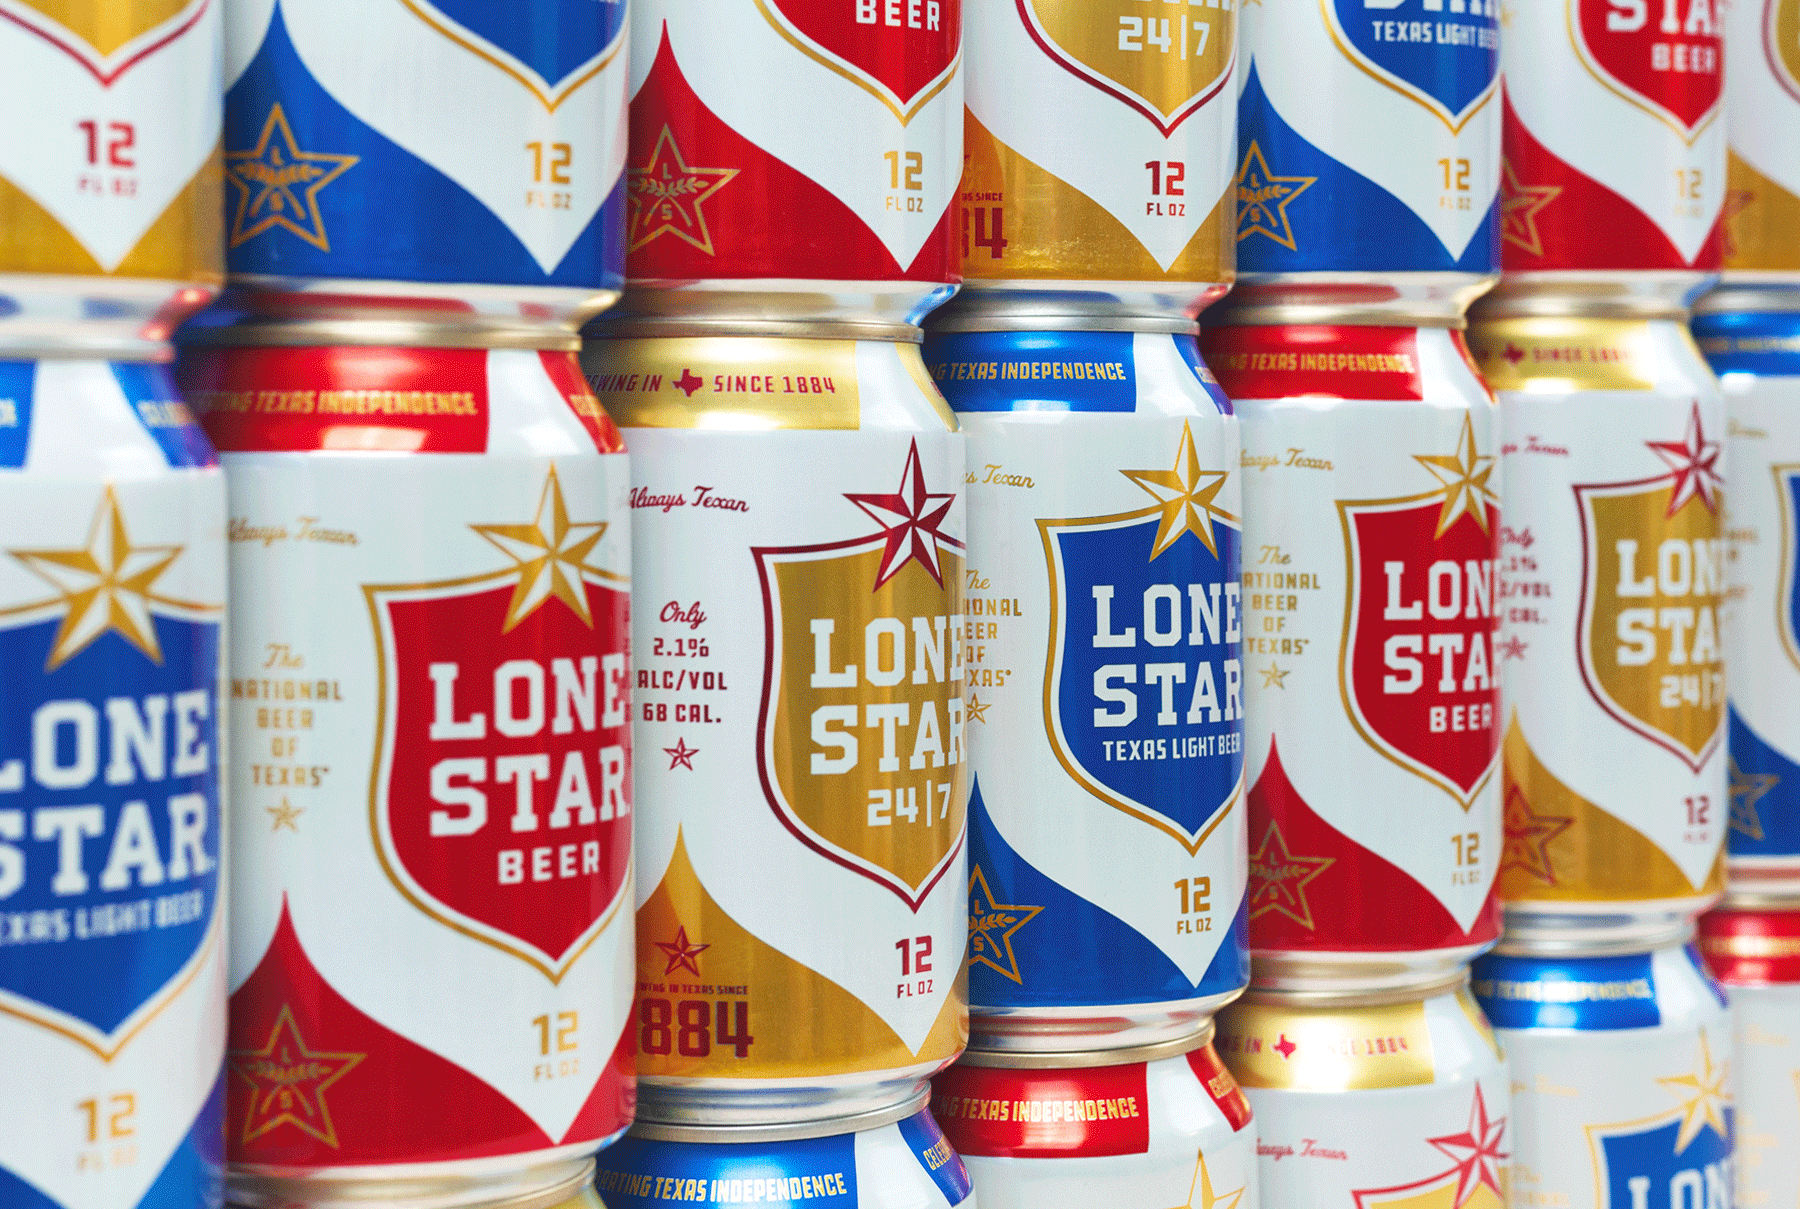 Beer & Branding: Lone Star